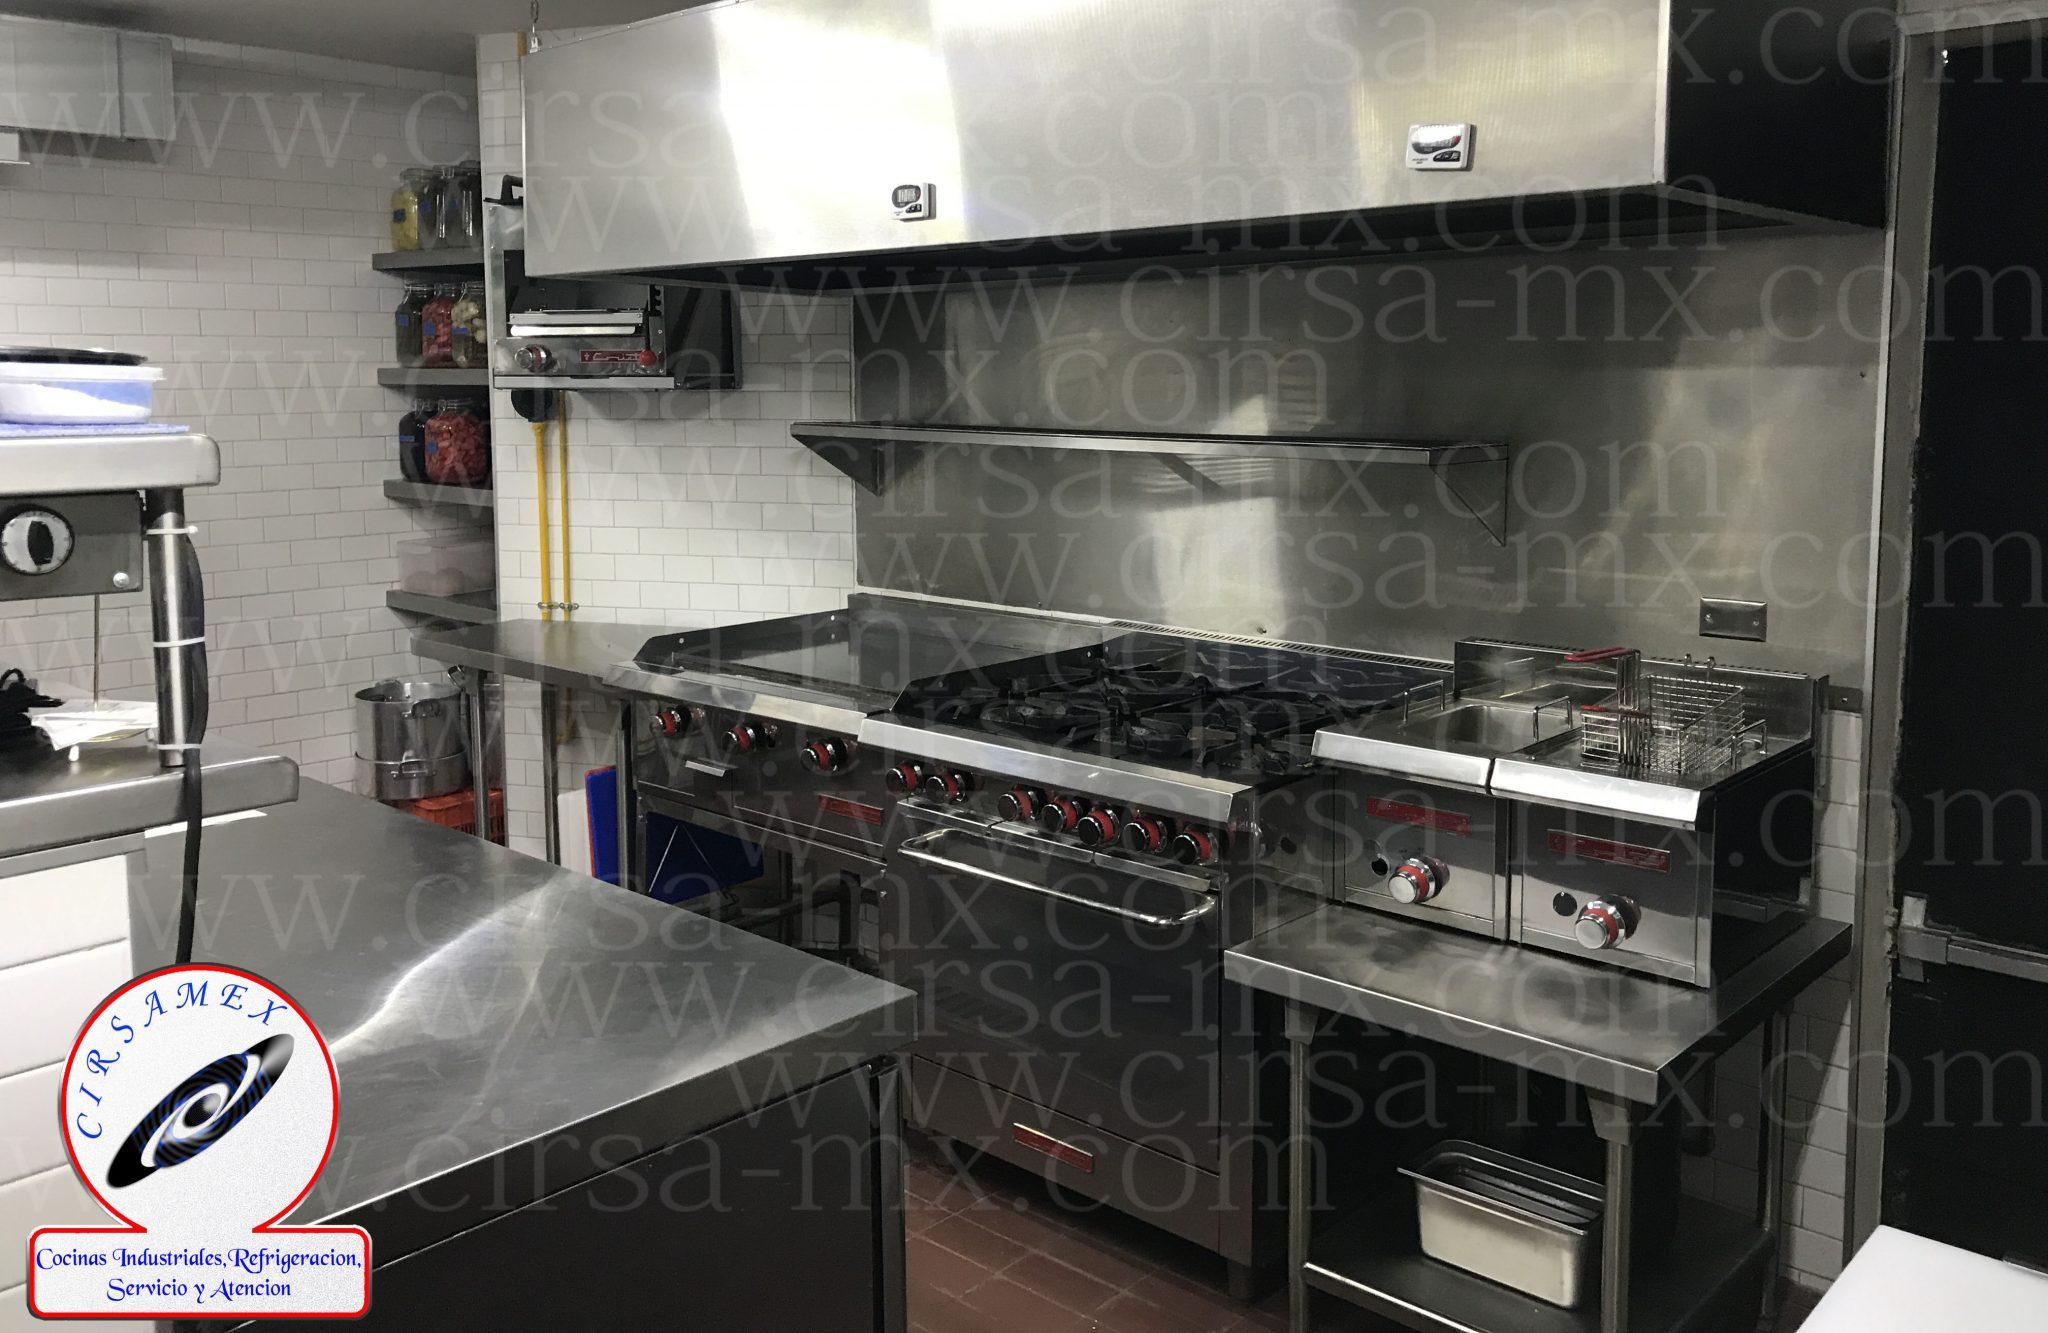 Cocinas industriales cirsamex sa de cv fabrica 2018 for Cocinas industriale